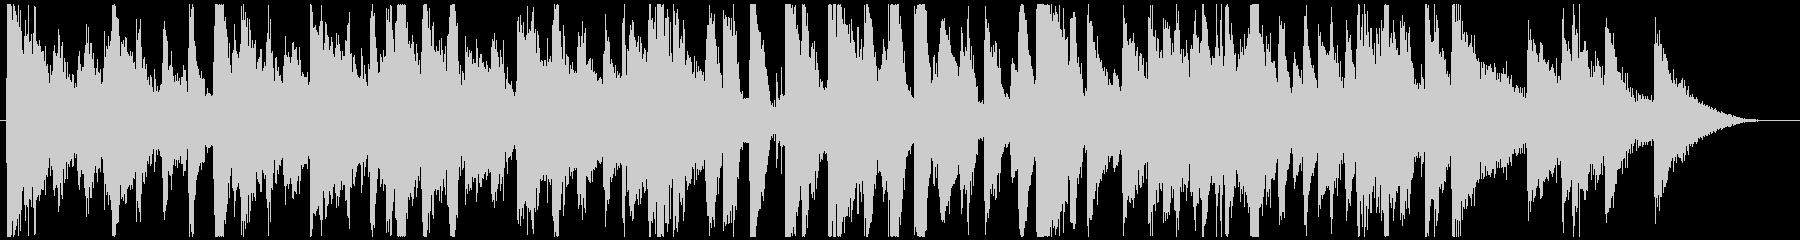 おしゃれで軽快なピアノトリオのジングルの未再生の波形